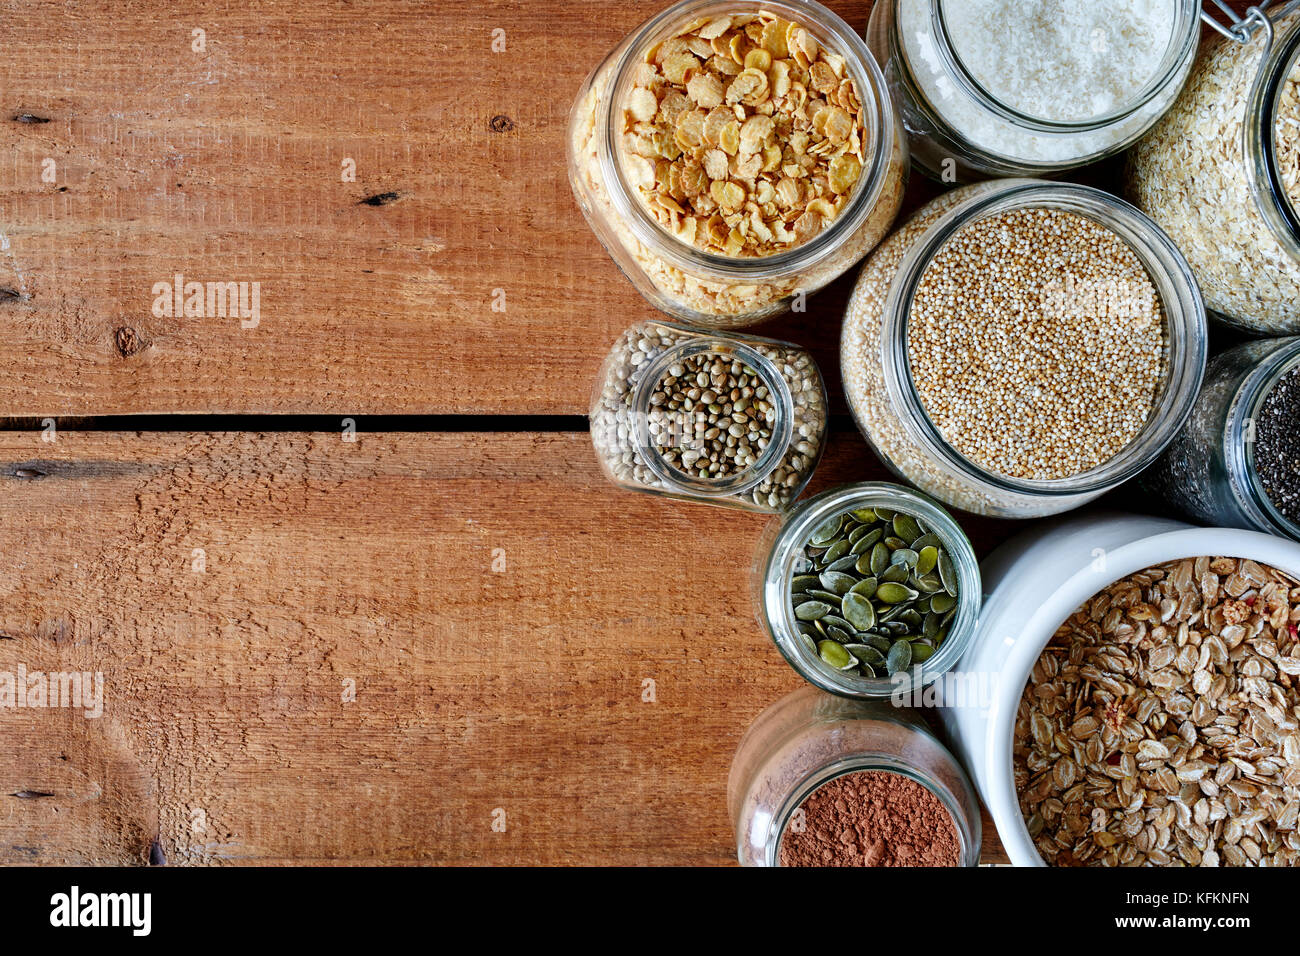 variety of mueslis in jars variety of healhty organic grains - Stock Image